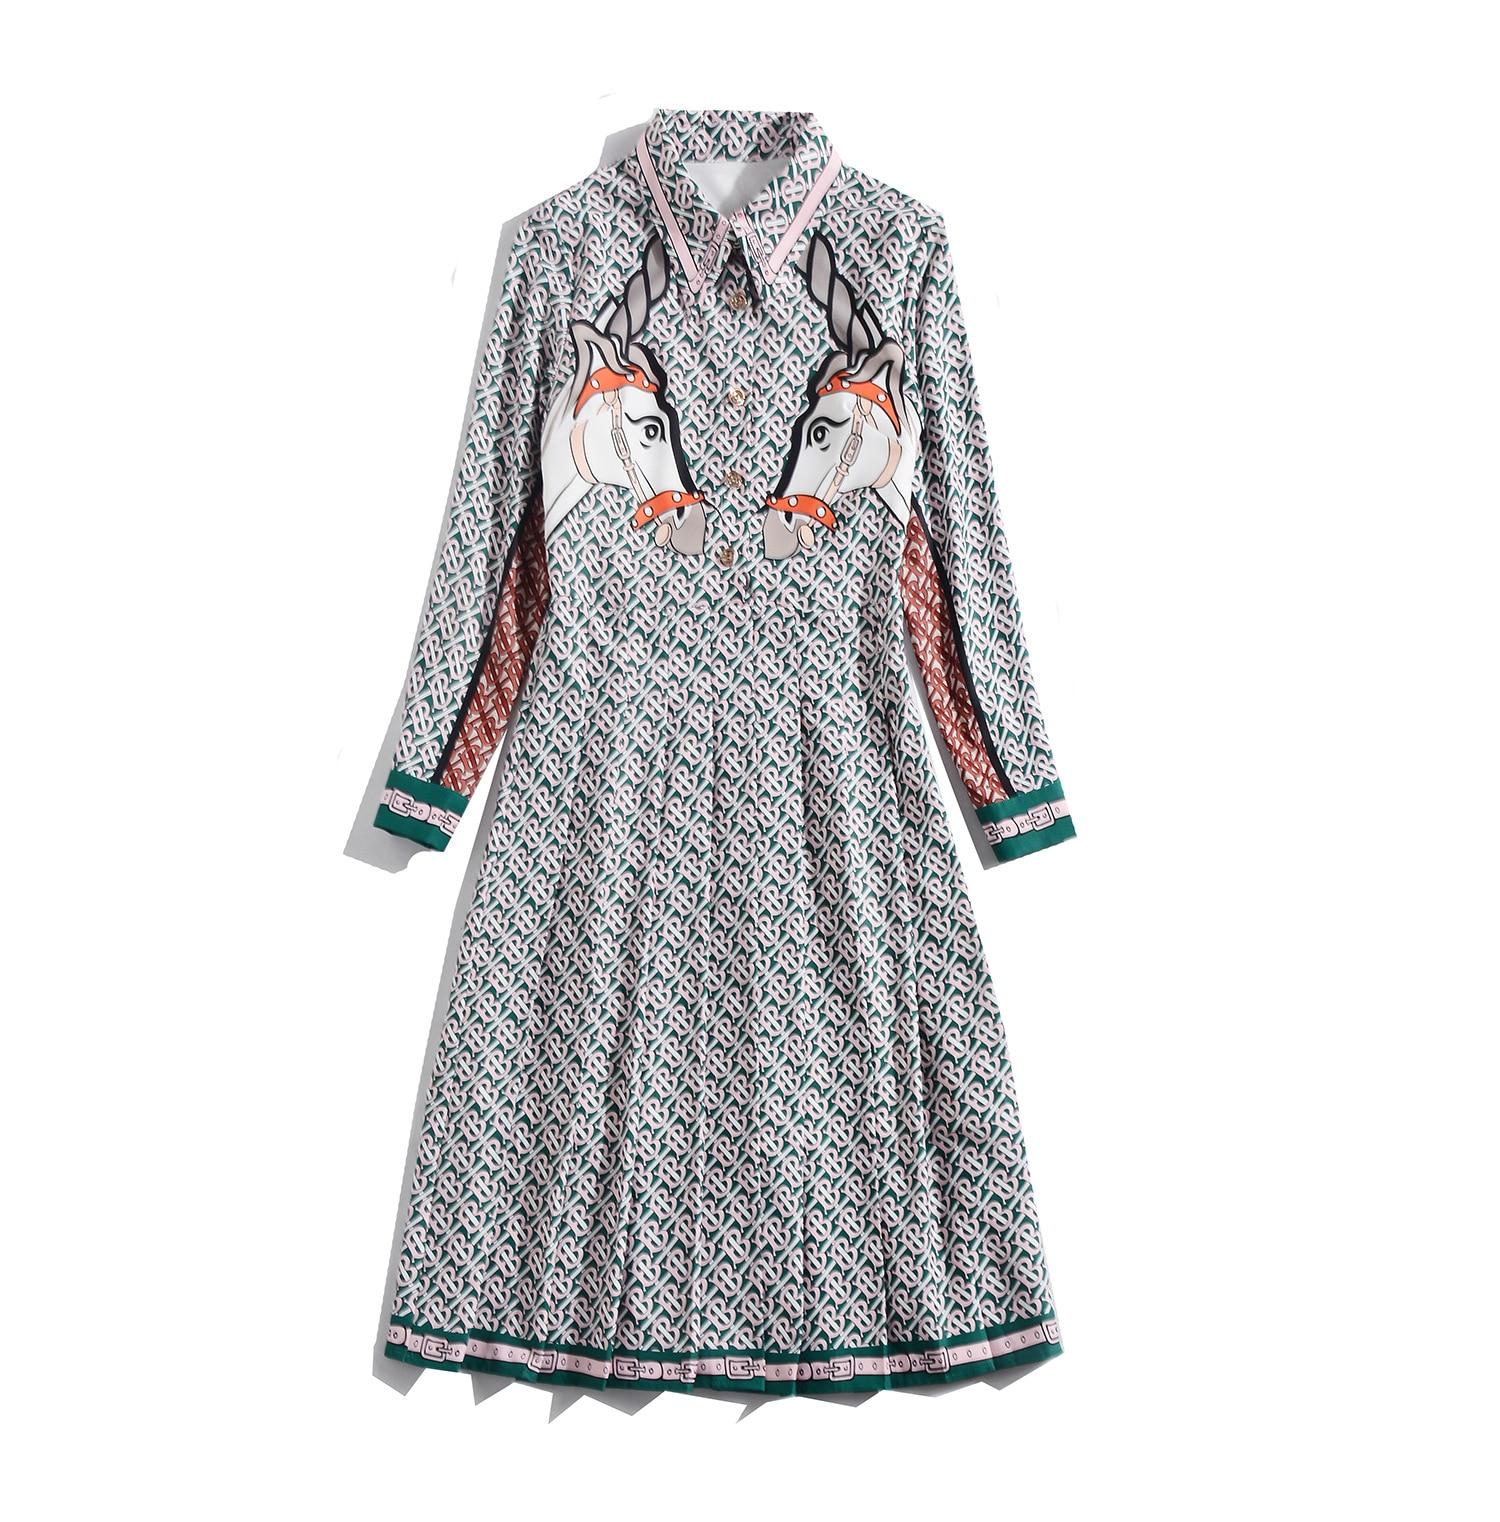 2019 printemps automne femme robe revers à manches longues mode Long cheval imprimé longue plissée dames robe n15